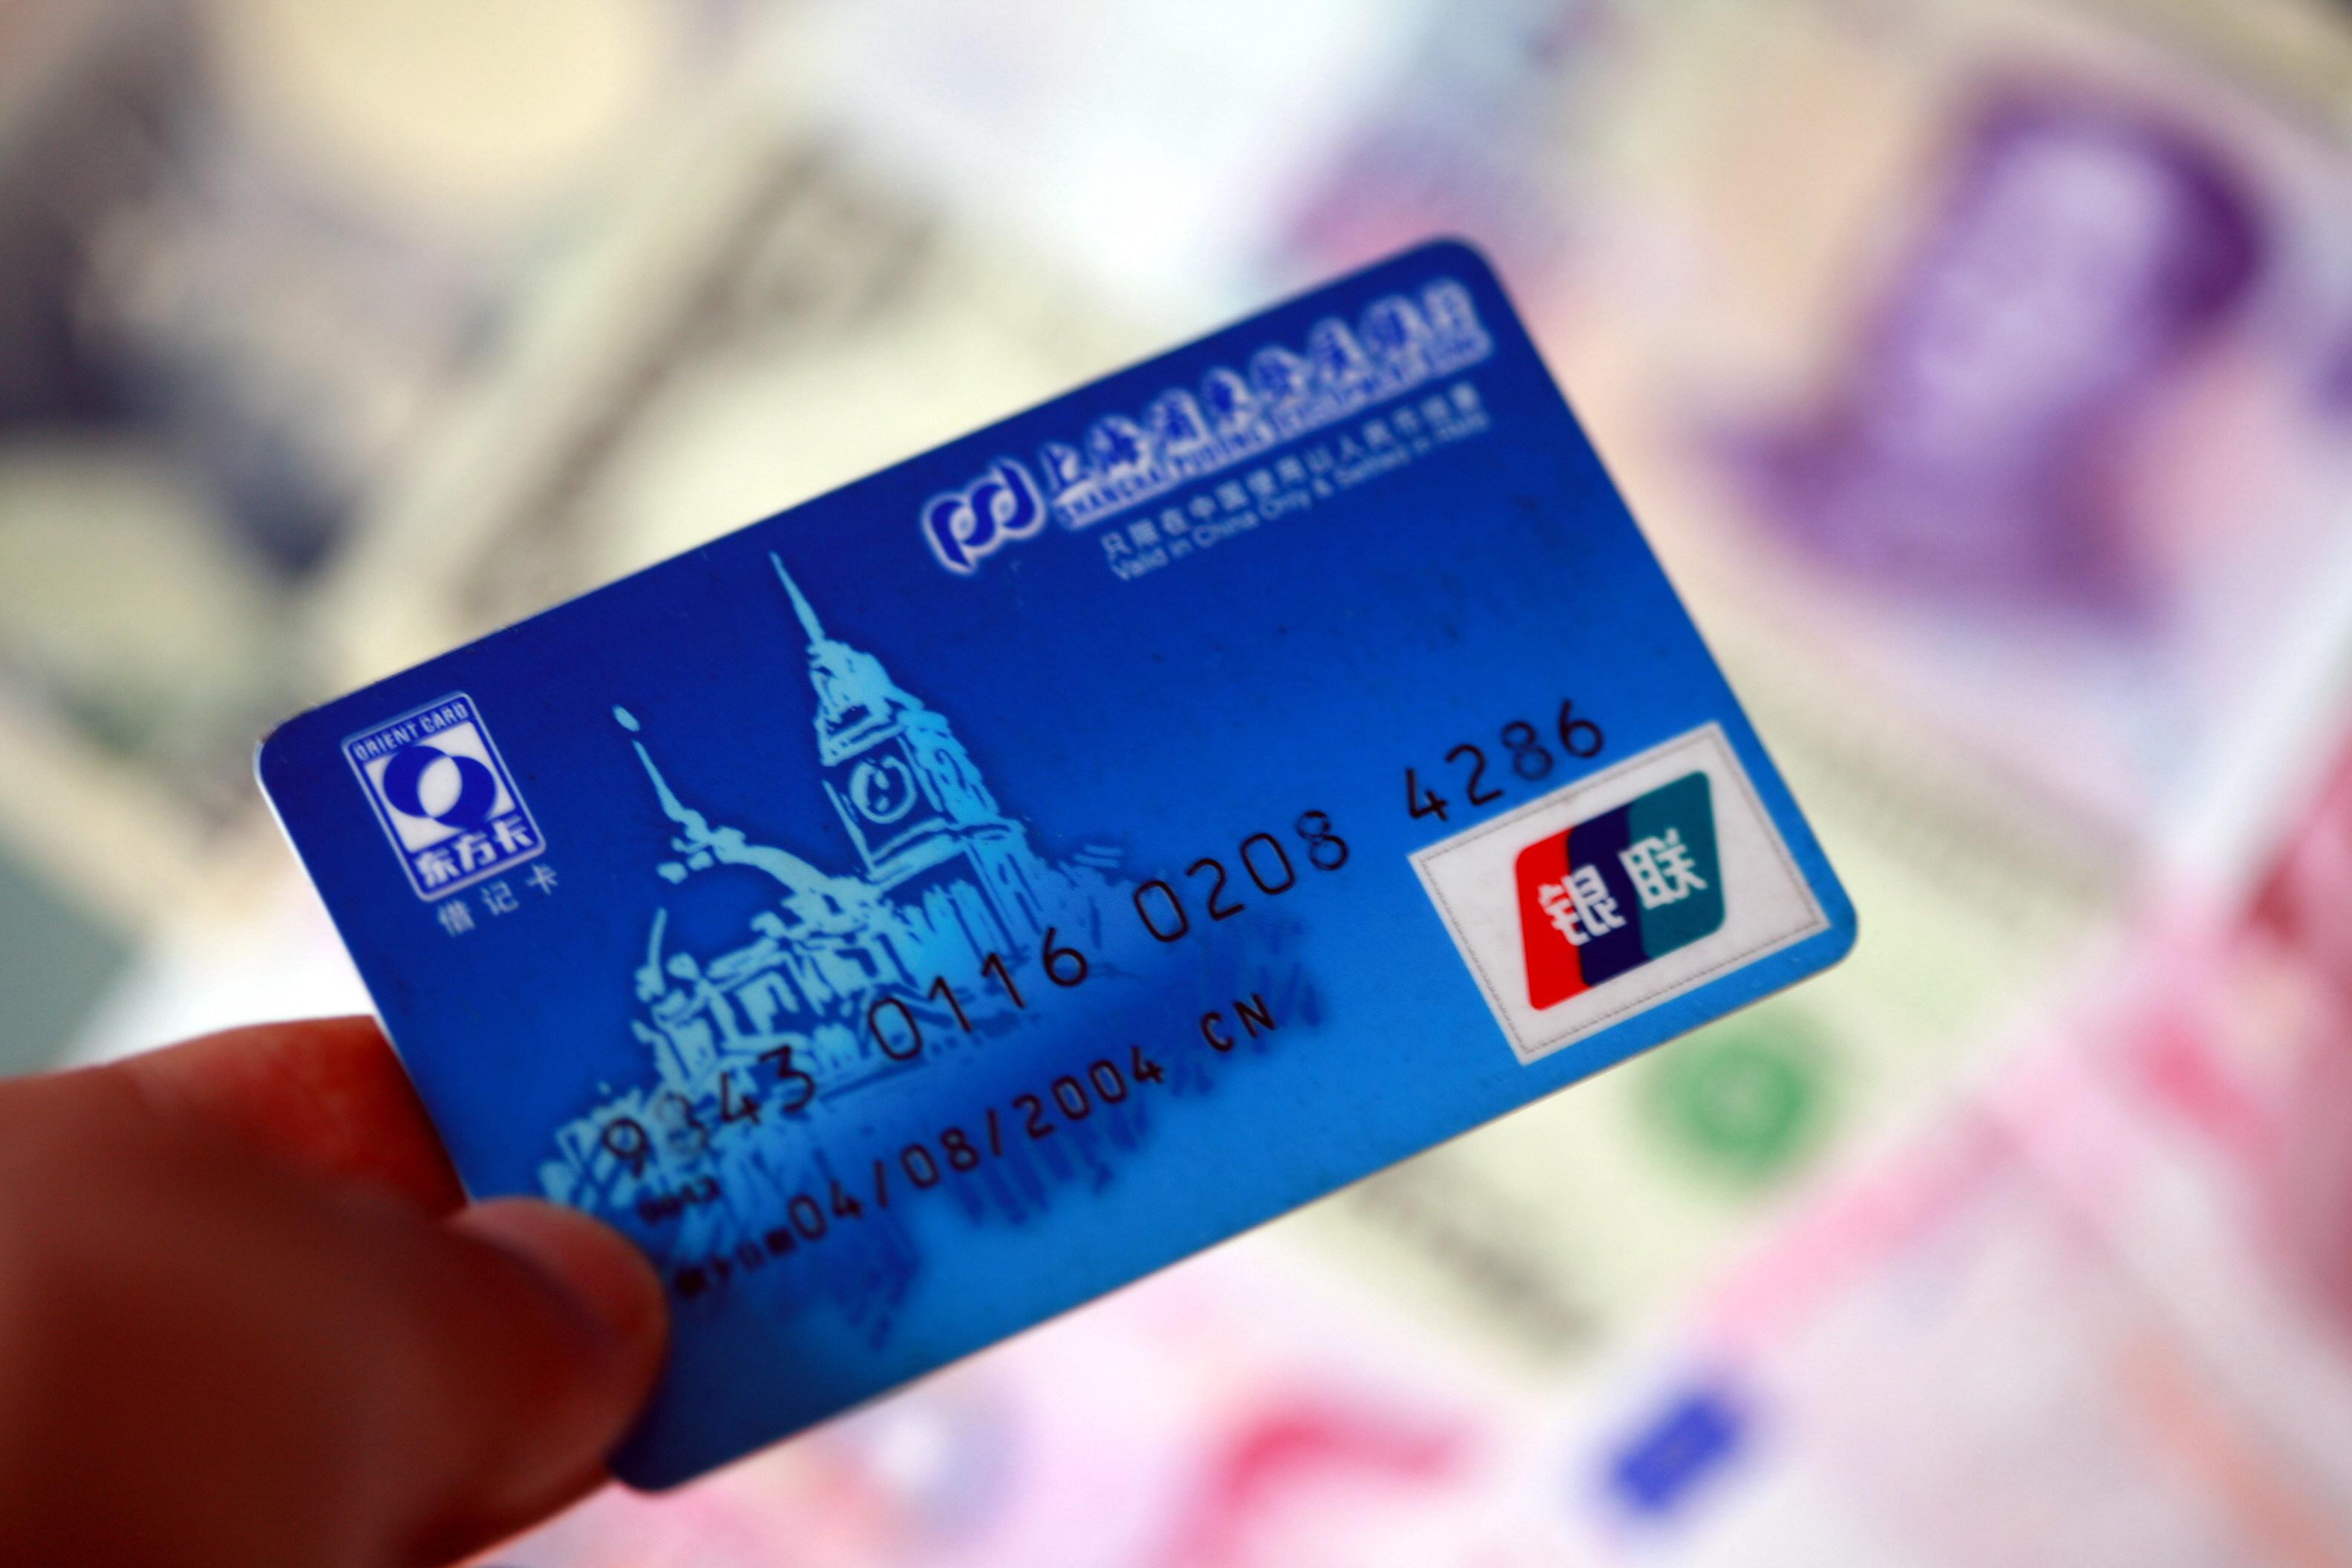 如何办大额度信用卡_中行这张白金卡,申请成功的要强制注销?幸好还没办!_信用卡 ...